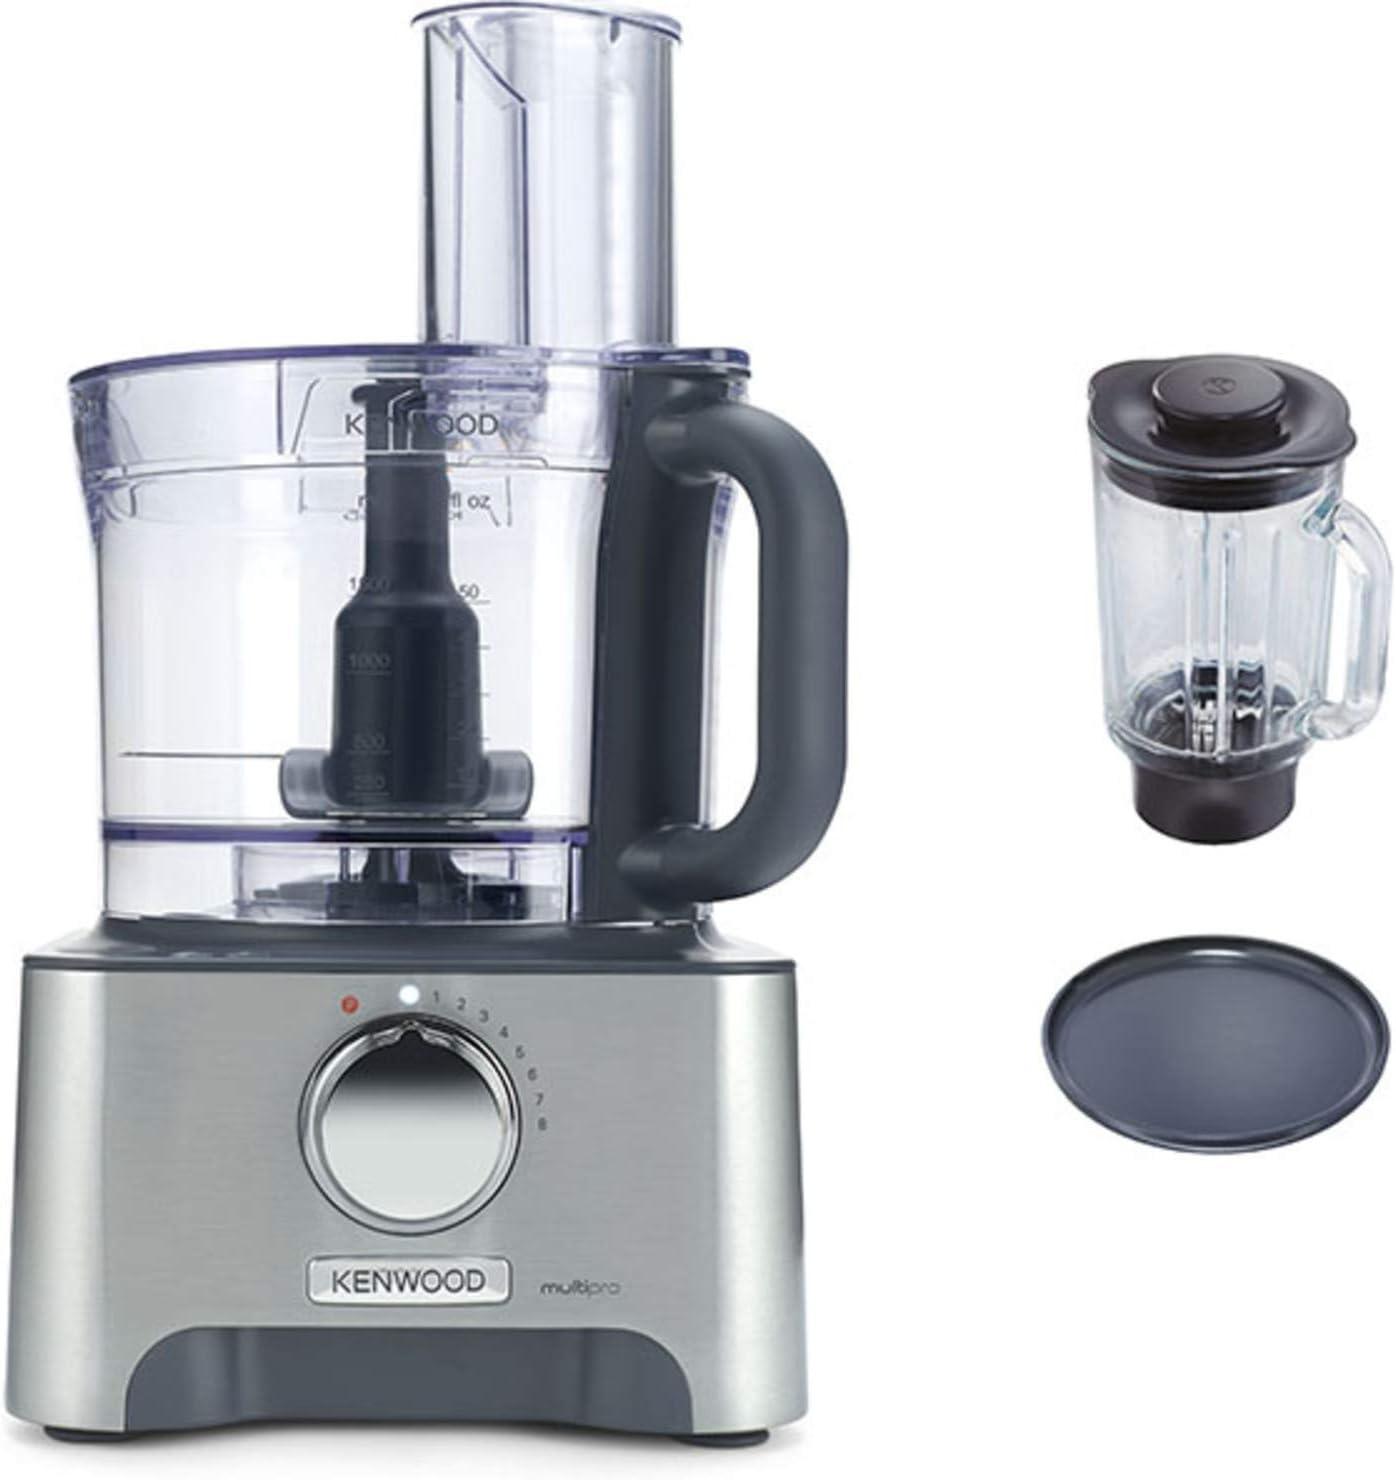 Kenwood FDM790BA Robot de cocina, 1000 W, plástico, aluminio, 8 velocidades, color plata: Amazon.es: Hogar